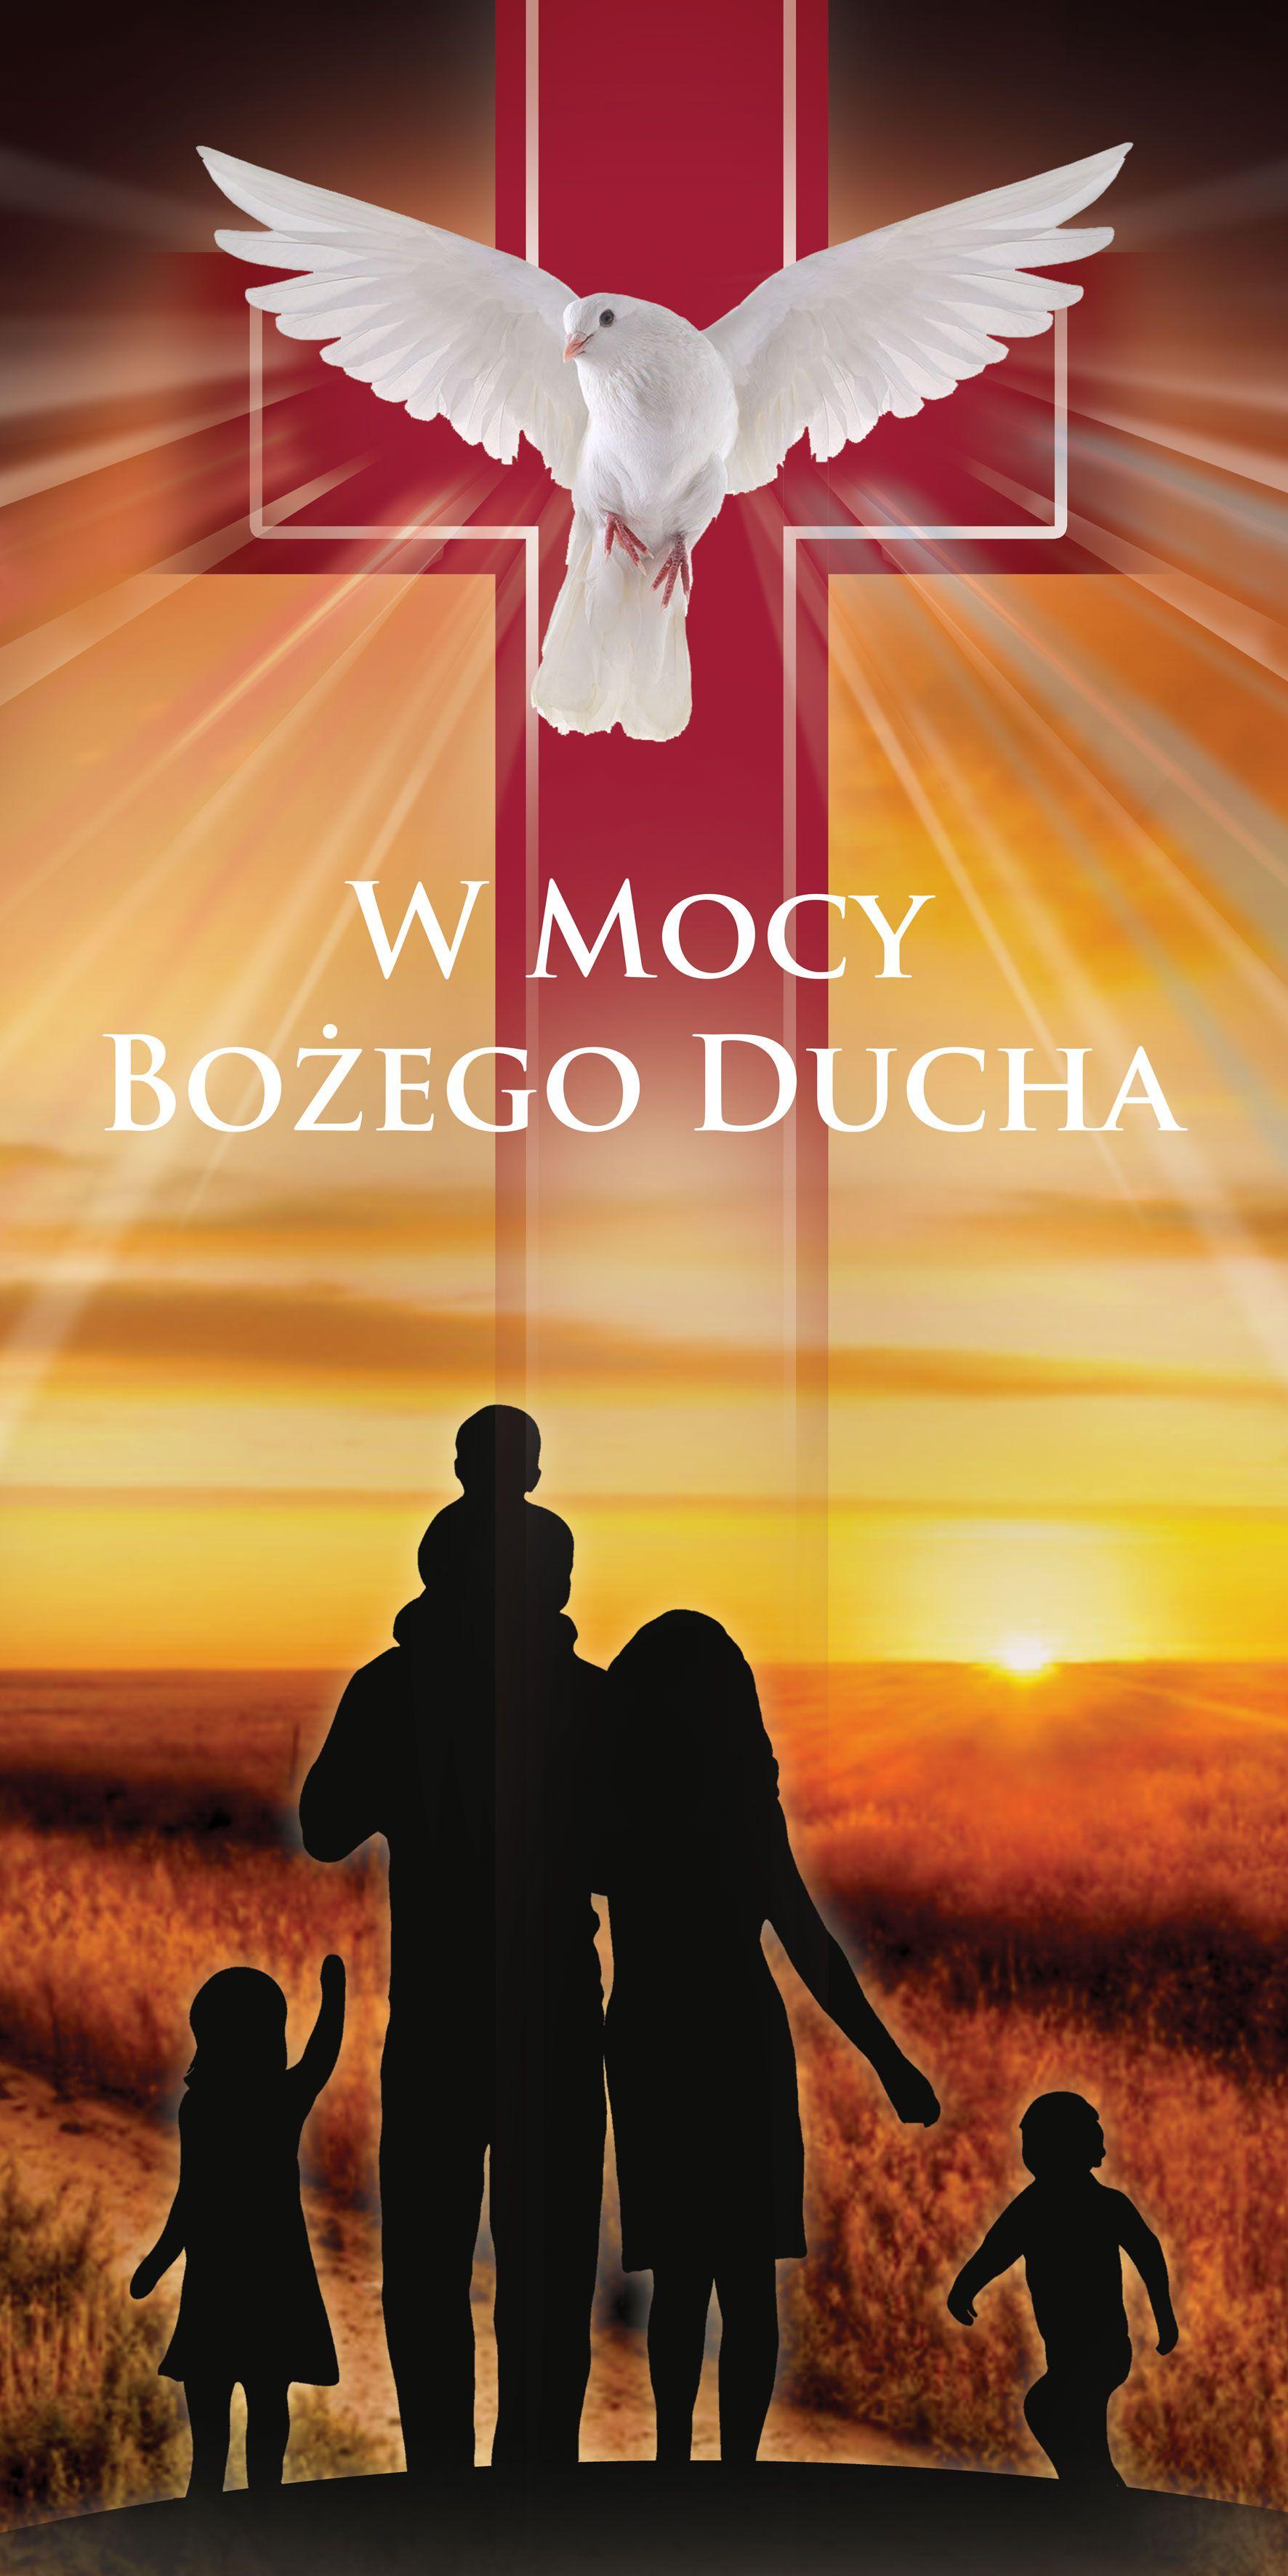 W mocy Bozego Ducha - Haslo roku liturgicznego 2018/2019